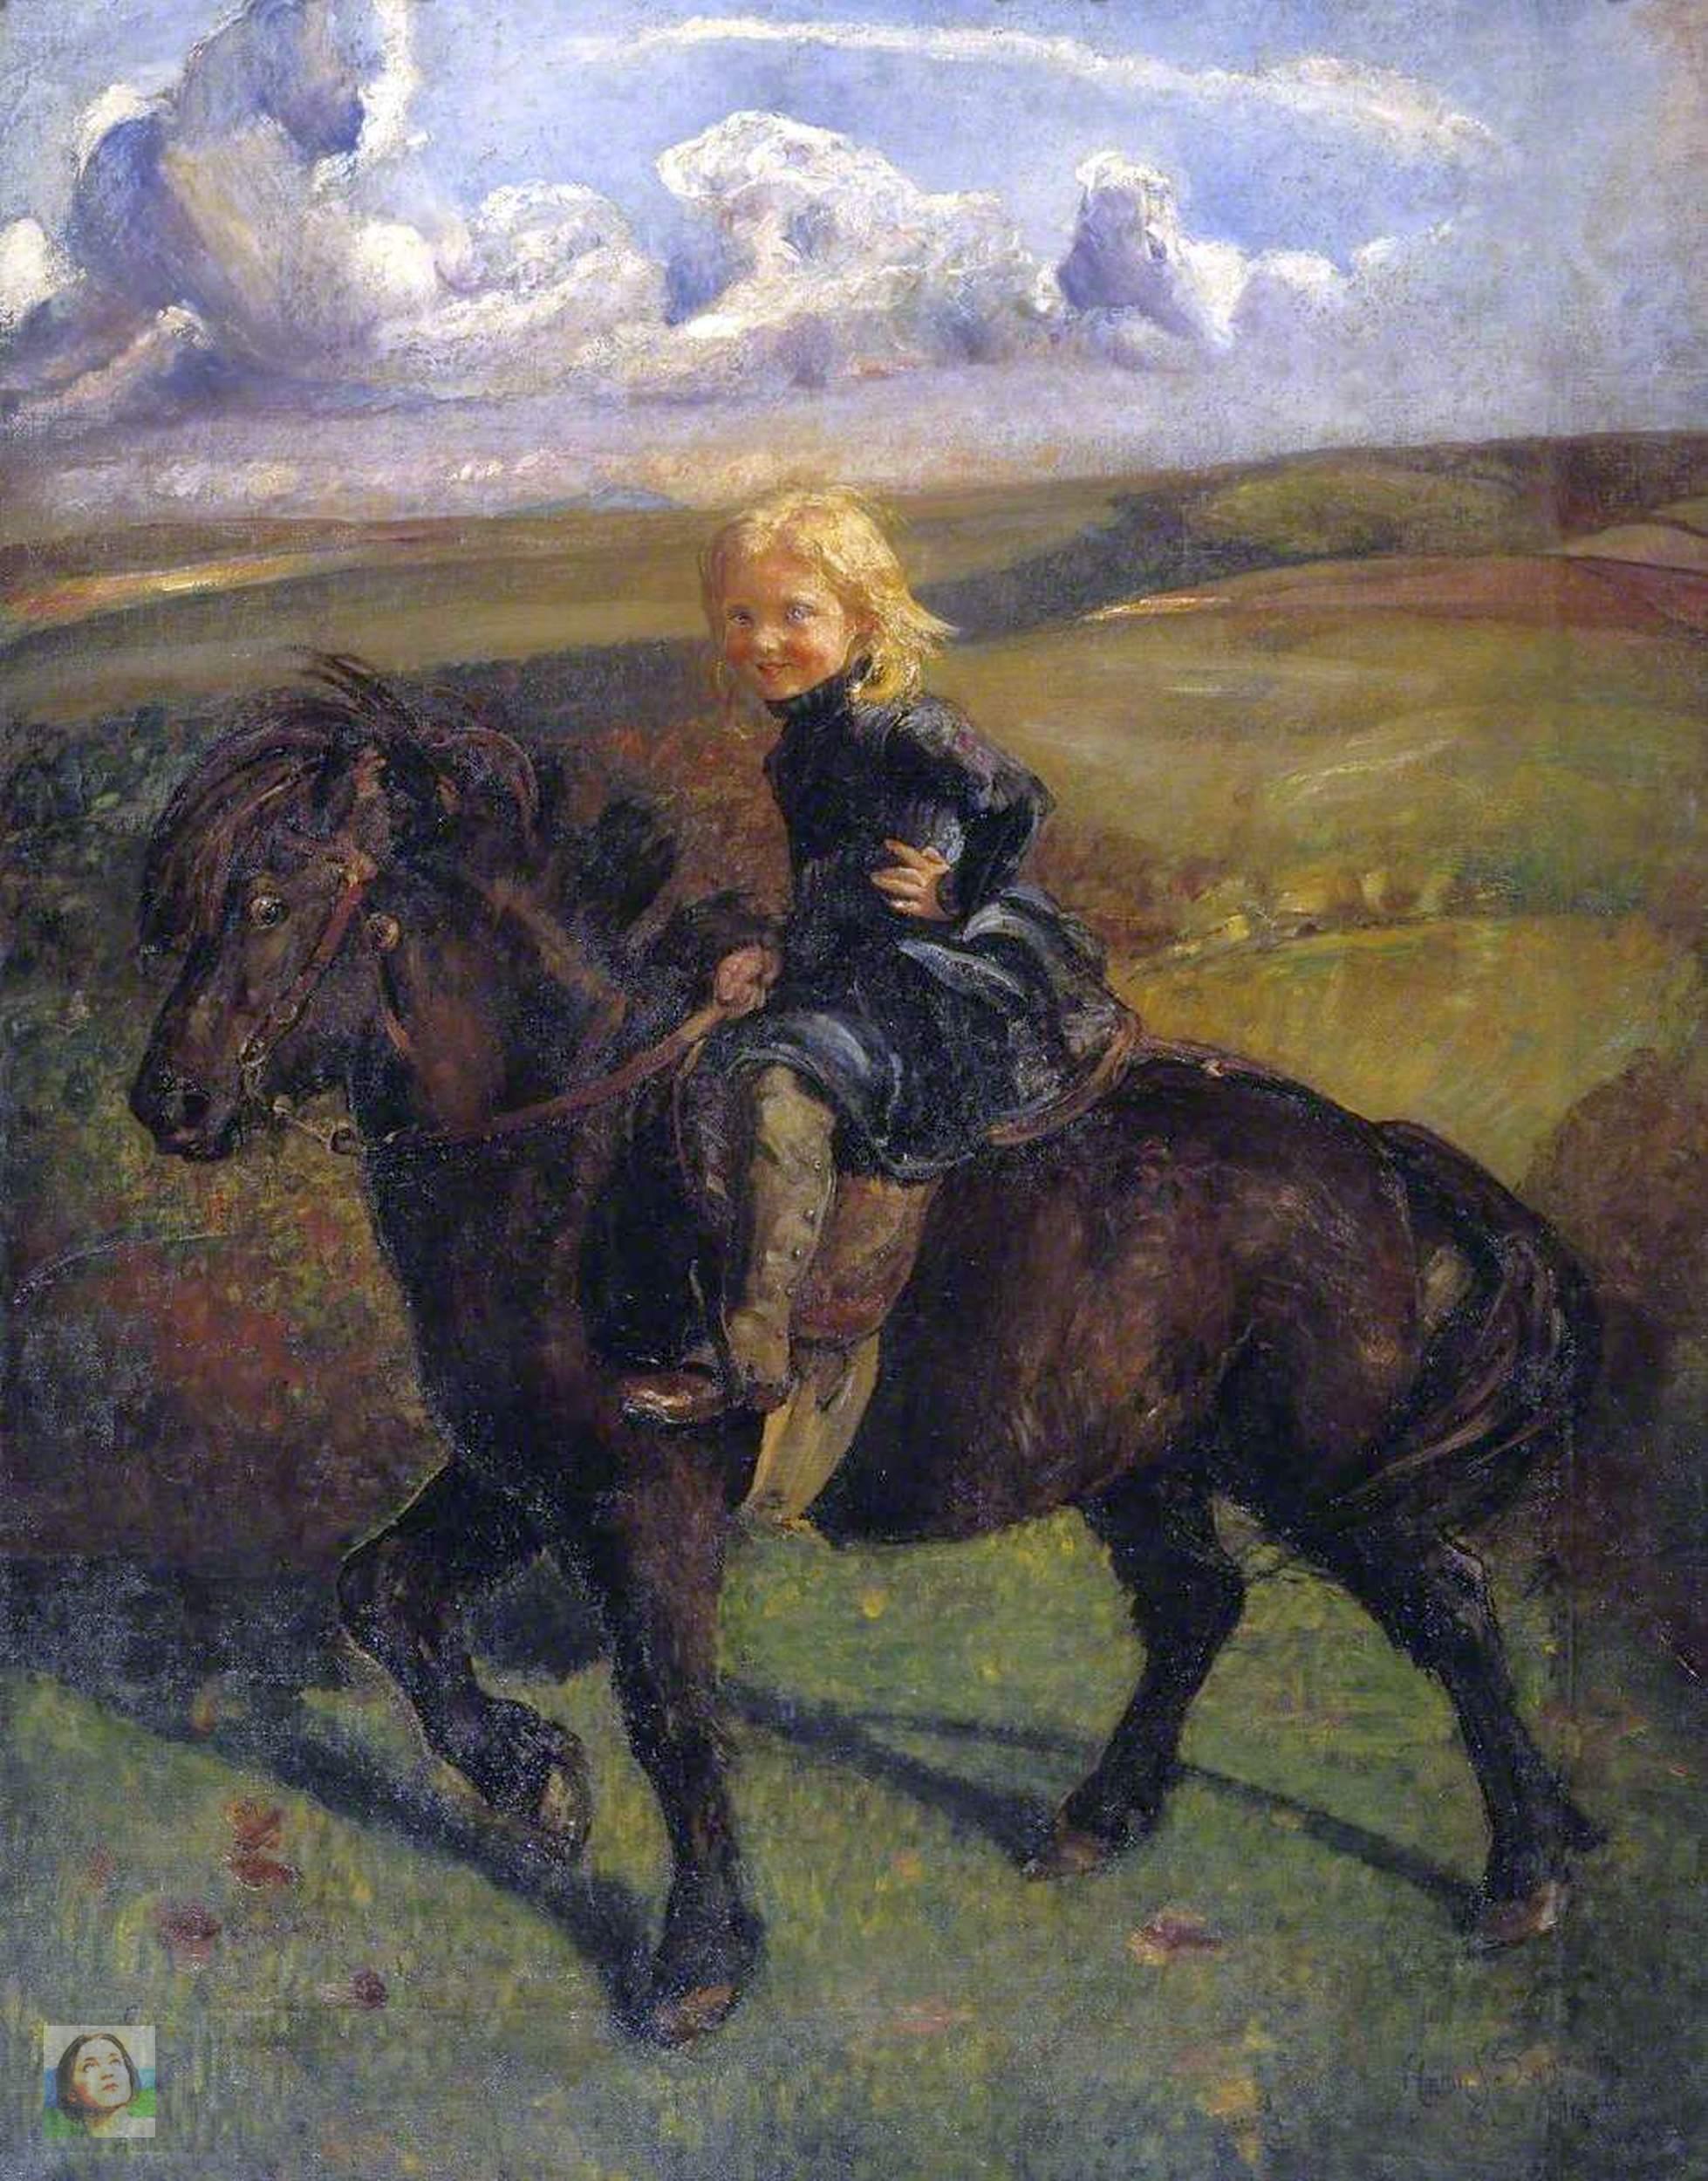 Swynnerton, Annie Louisa, 1844-1933; Miss Elizabeth Williamson on a Pony